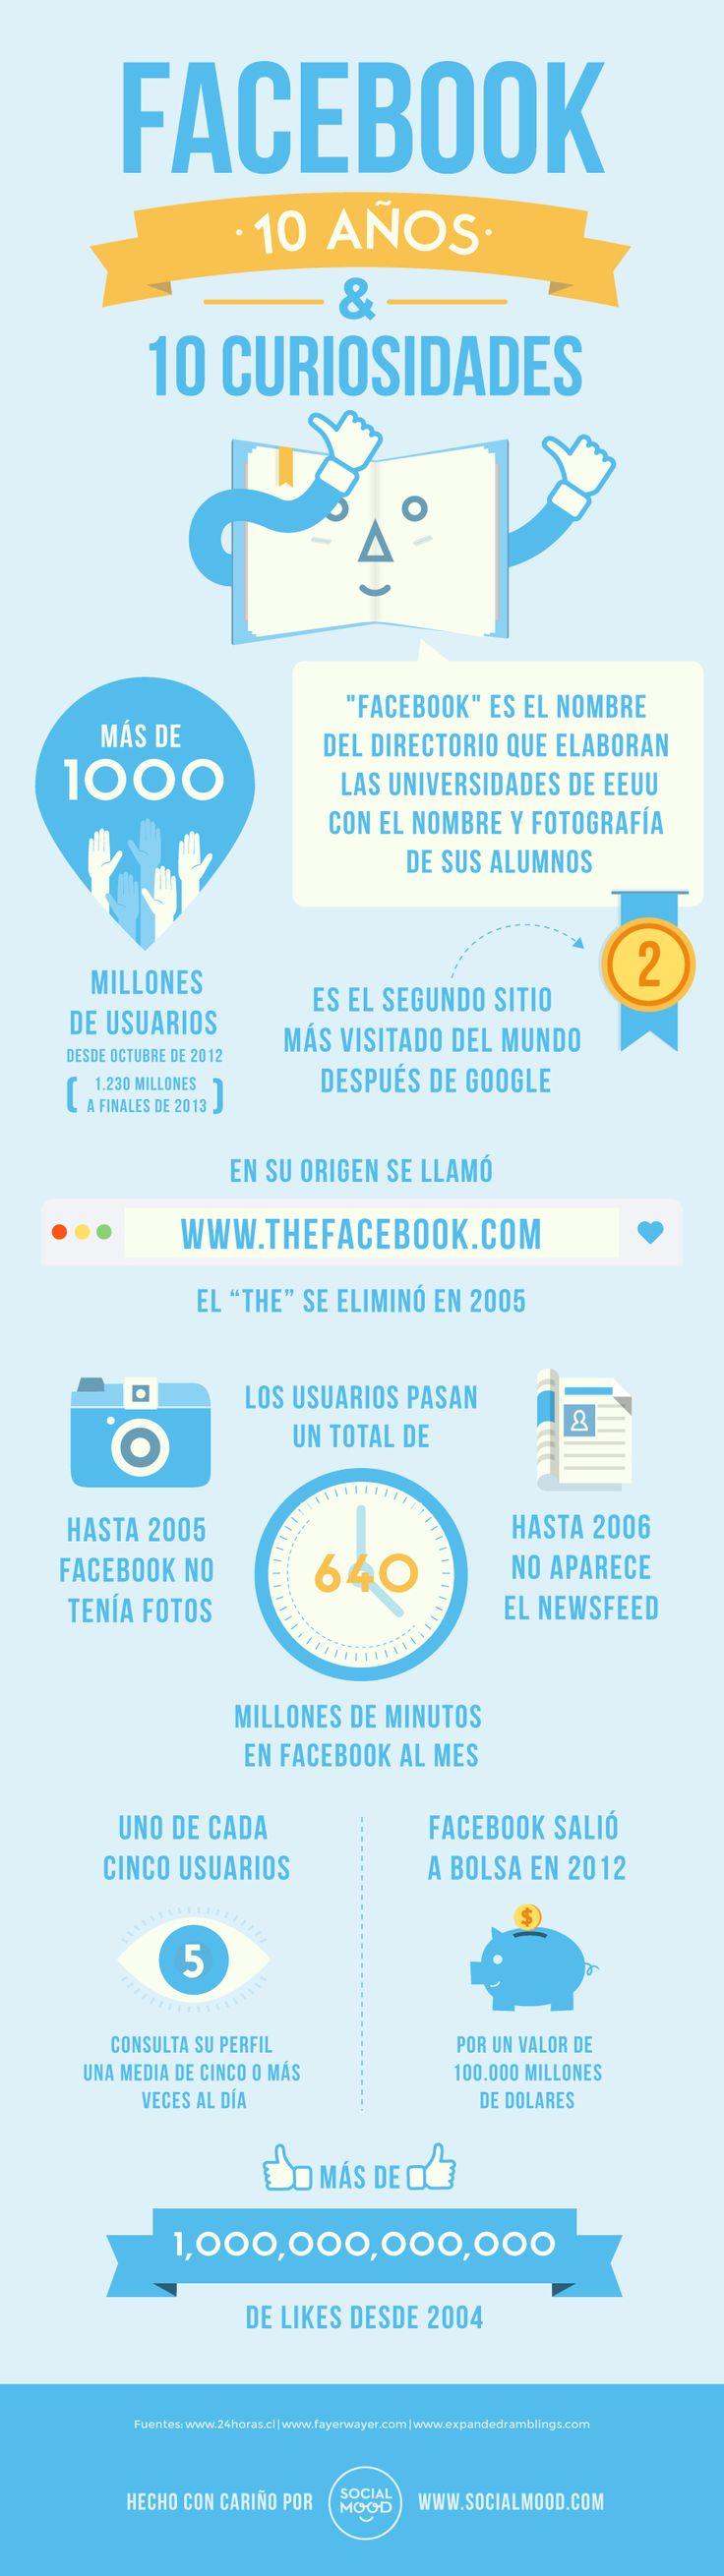 FaceBook: 10 años y 10 curiosidades #infografiaInfographic Socialmedia, 10 Curiosidades, Infografia Infographic, Social Media, Curiosidades Infografia, 10 Years, Social Networks, De Facebook, Curiosidades De